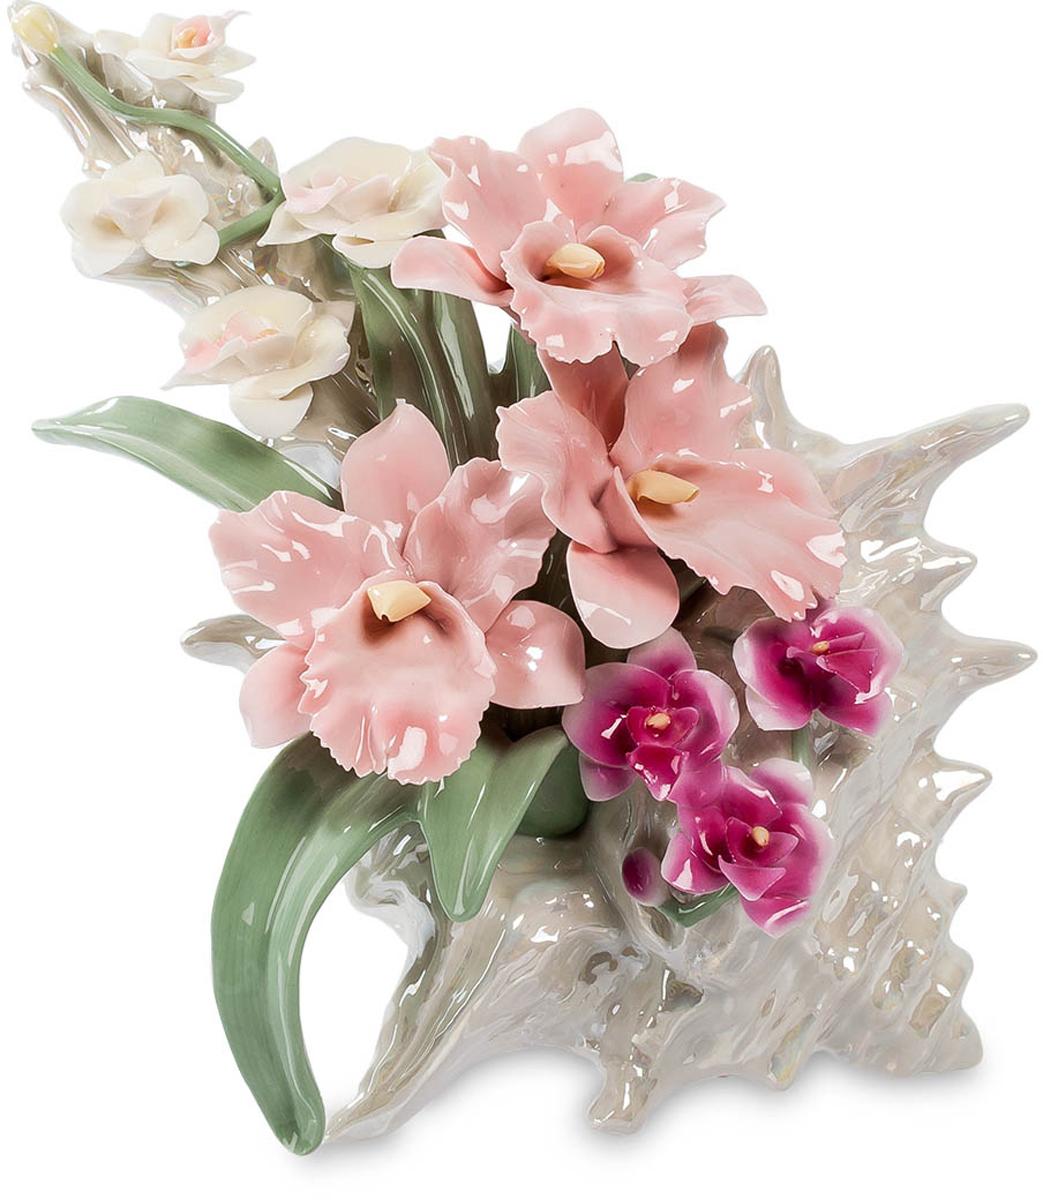 Композиция декоративная Pavone Ракушка с цветами, музыкальная. CMS-33/ 1CMS-33/ 1Музыкальная композиция Ракушка с цветами выполнена в причудливой форме раковины из далеких тропических морей и сама по себе достойна восхищения. Но она использована как основа для размещения в ней цветочной композиции, лаконичной и удивительно красивой. Белые, розовые и малиновые цветы, зеленые листья – все это выполнено из тончайшего фарфора и радует взгляд не хуже живых цветов. Красота каждого цветка находит отклик в красоте творения морских глубин, создавая удивительное впечатление. Так и кажется, что сейчас зазвучит прекрасная музыка. И она действительно начинает звучать: в фигурку встроен музыкальный механизм, который можно просто завести и слушать музыку.Размер: 20 х 16 х 19,5 см.